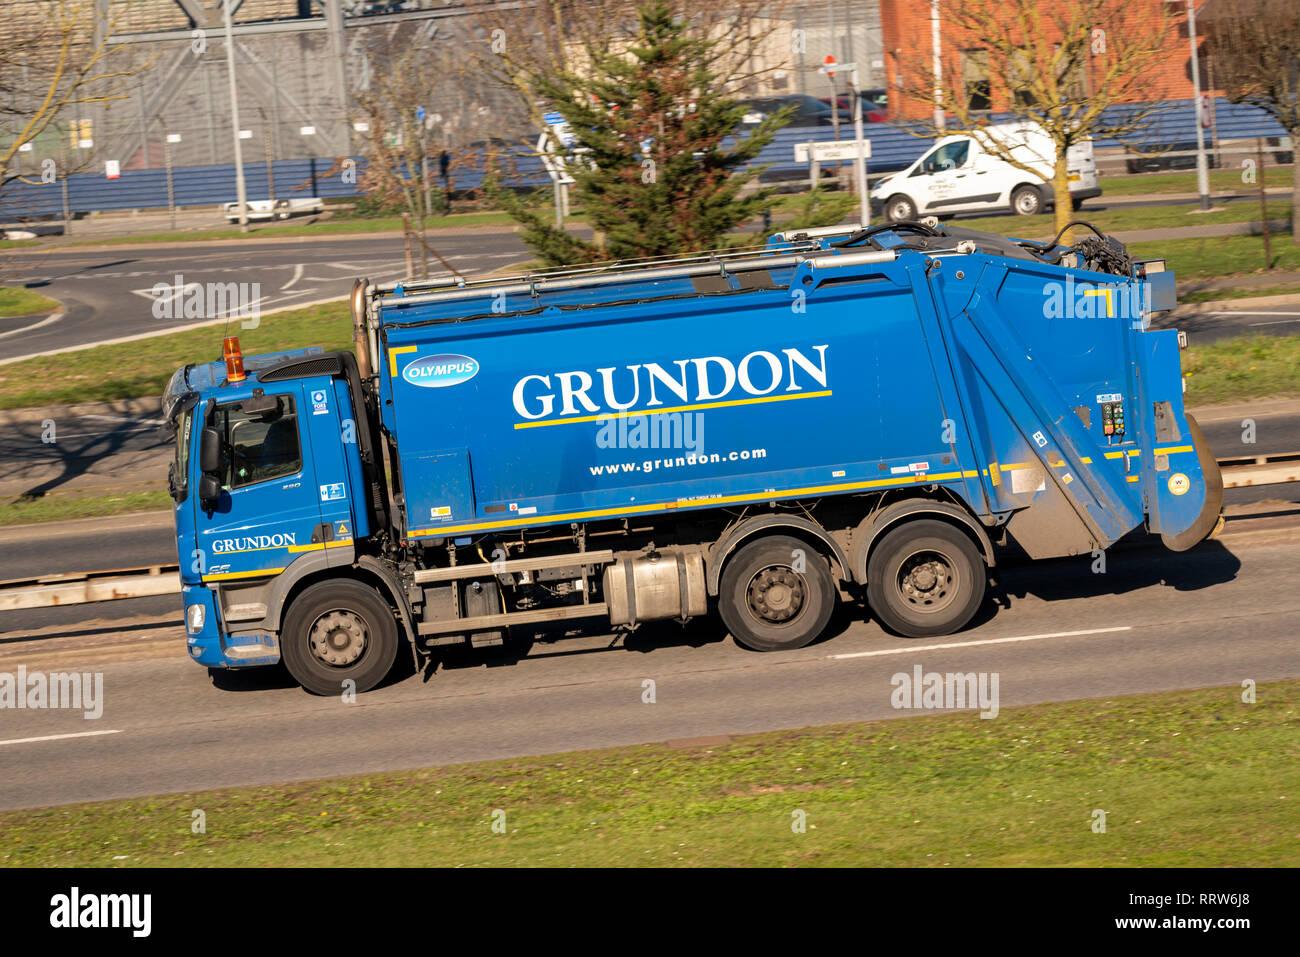 Grundon Camion Camion Poubelle, refuser la conduite sur route. Gestion des déchets Grundon Ltd blue Dennis Eagle avec Olympus corps véhicule camion benne Photo Stock